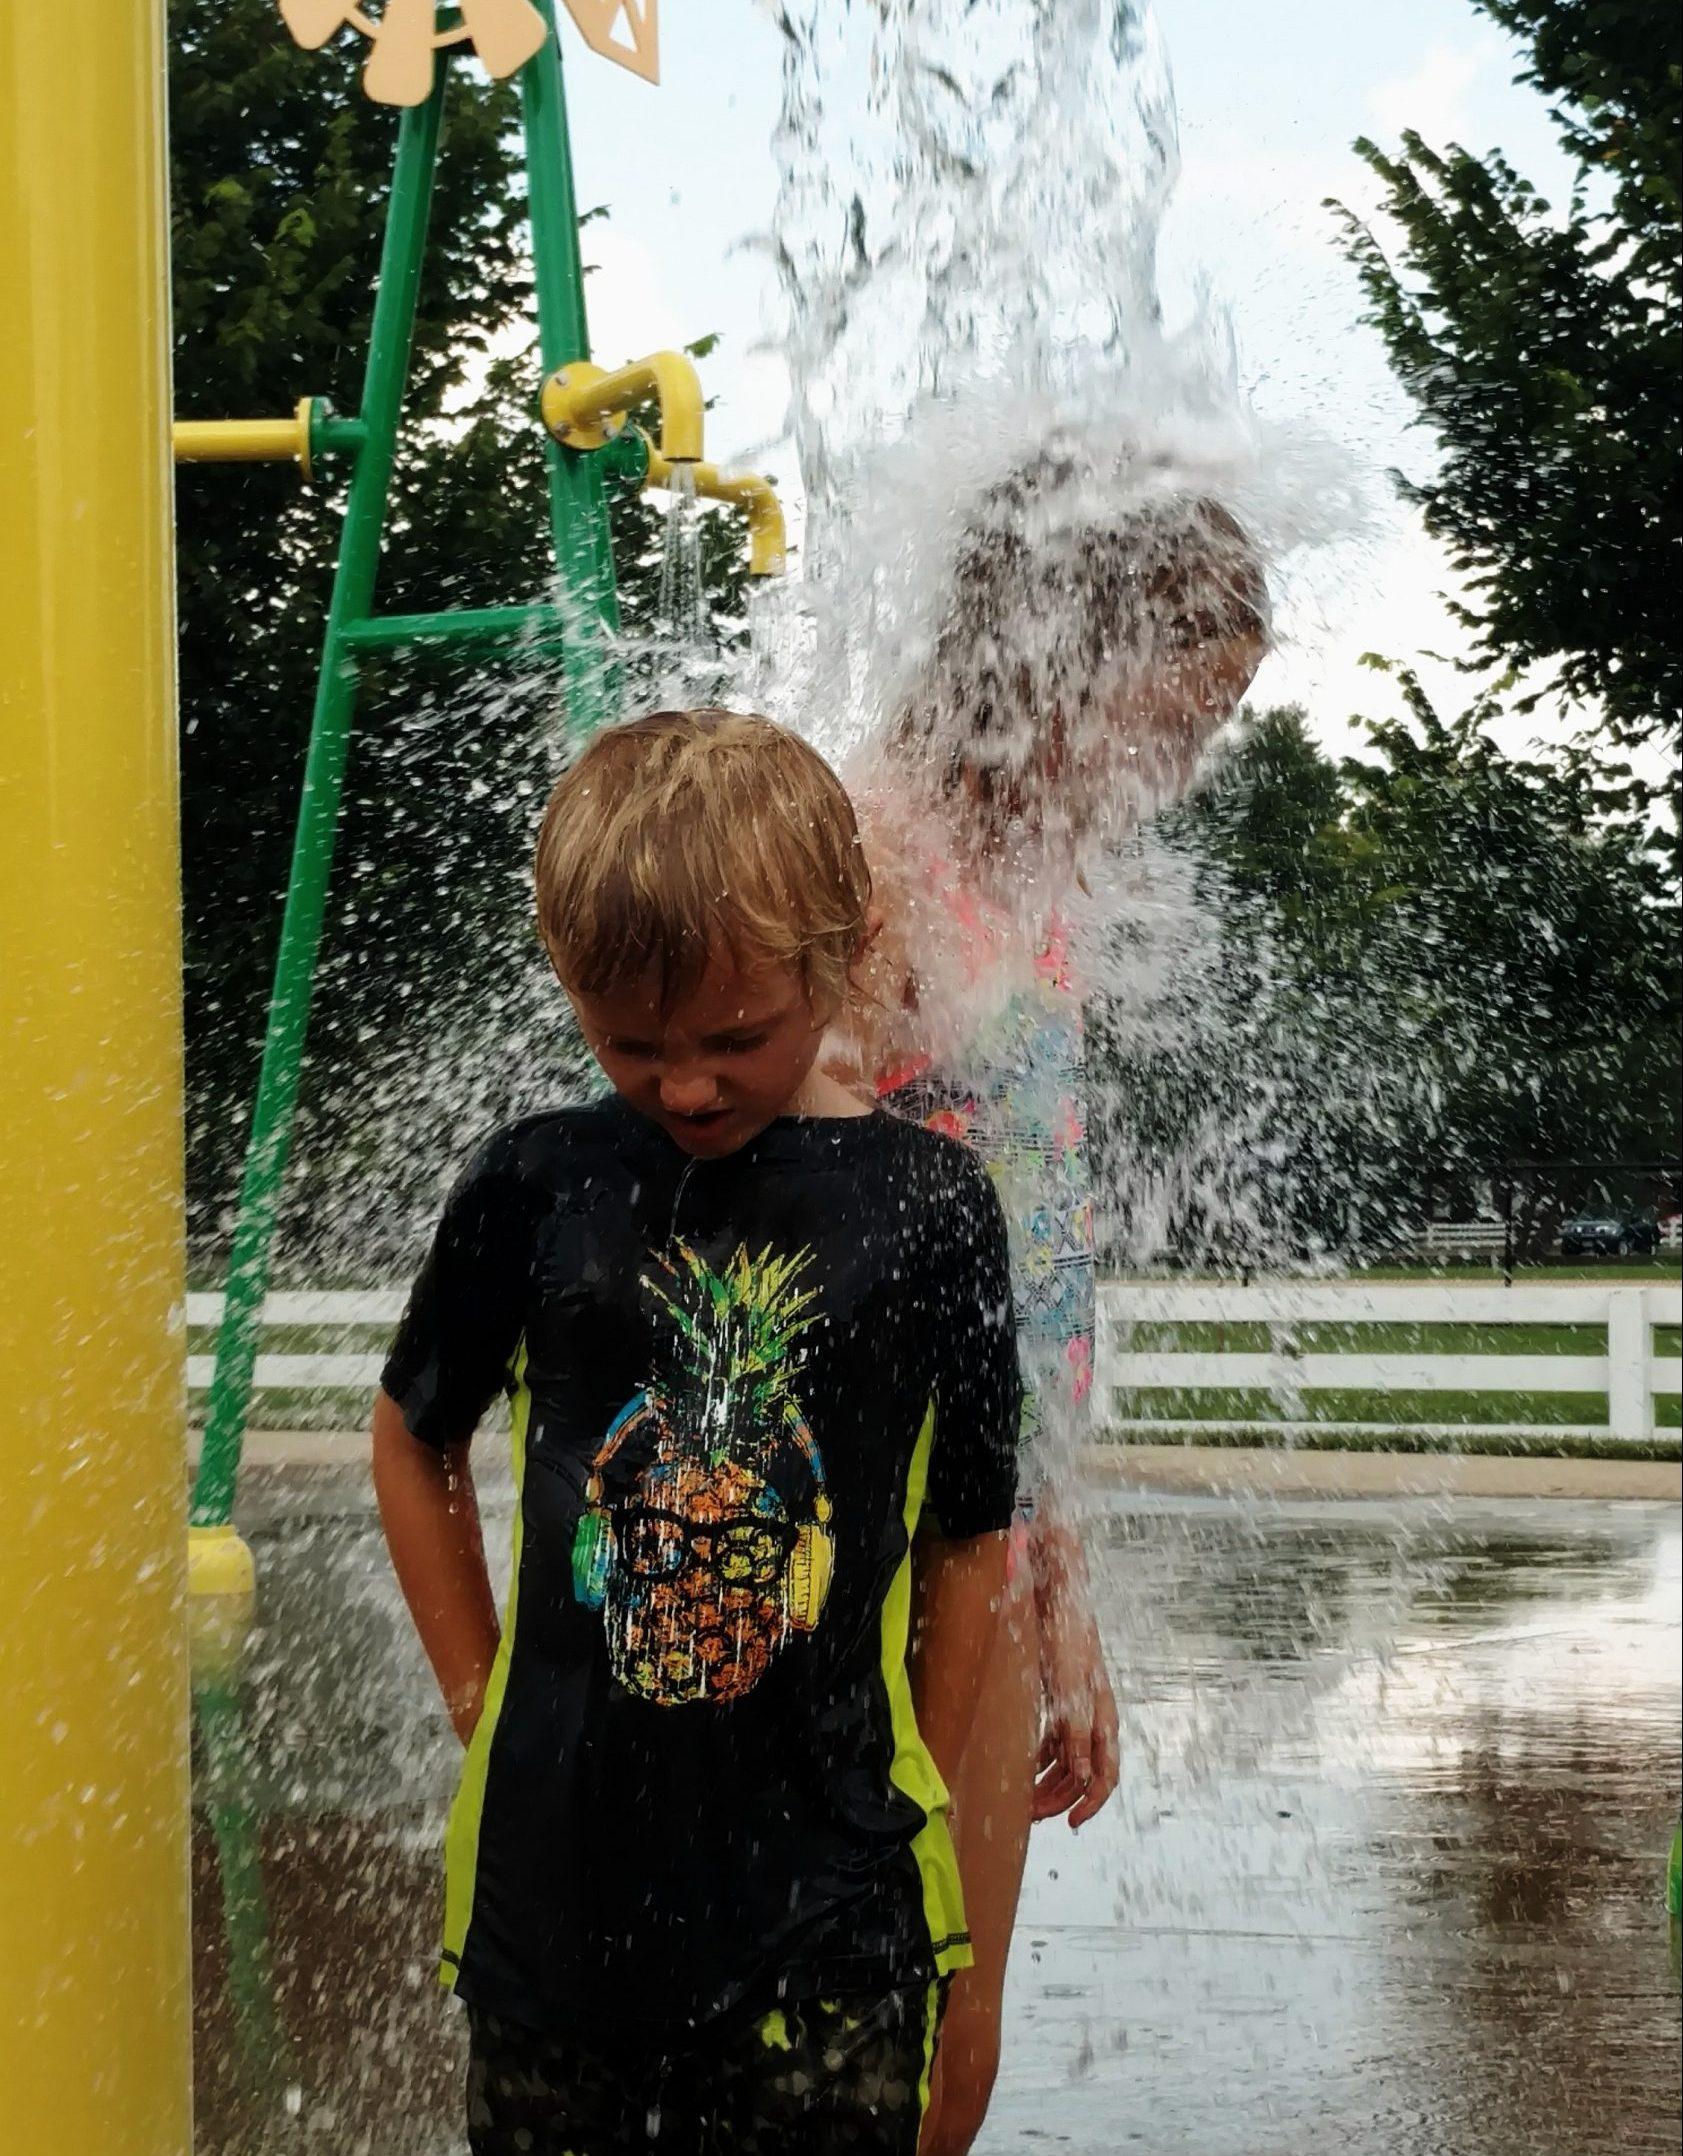 kids at splash pad